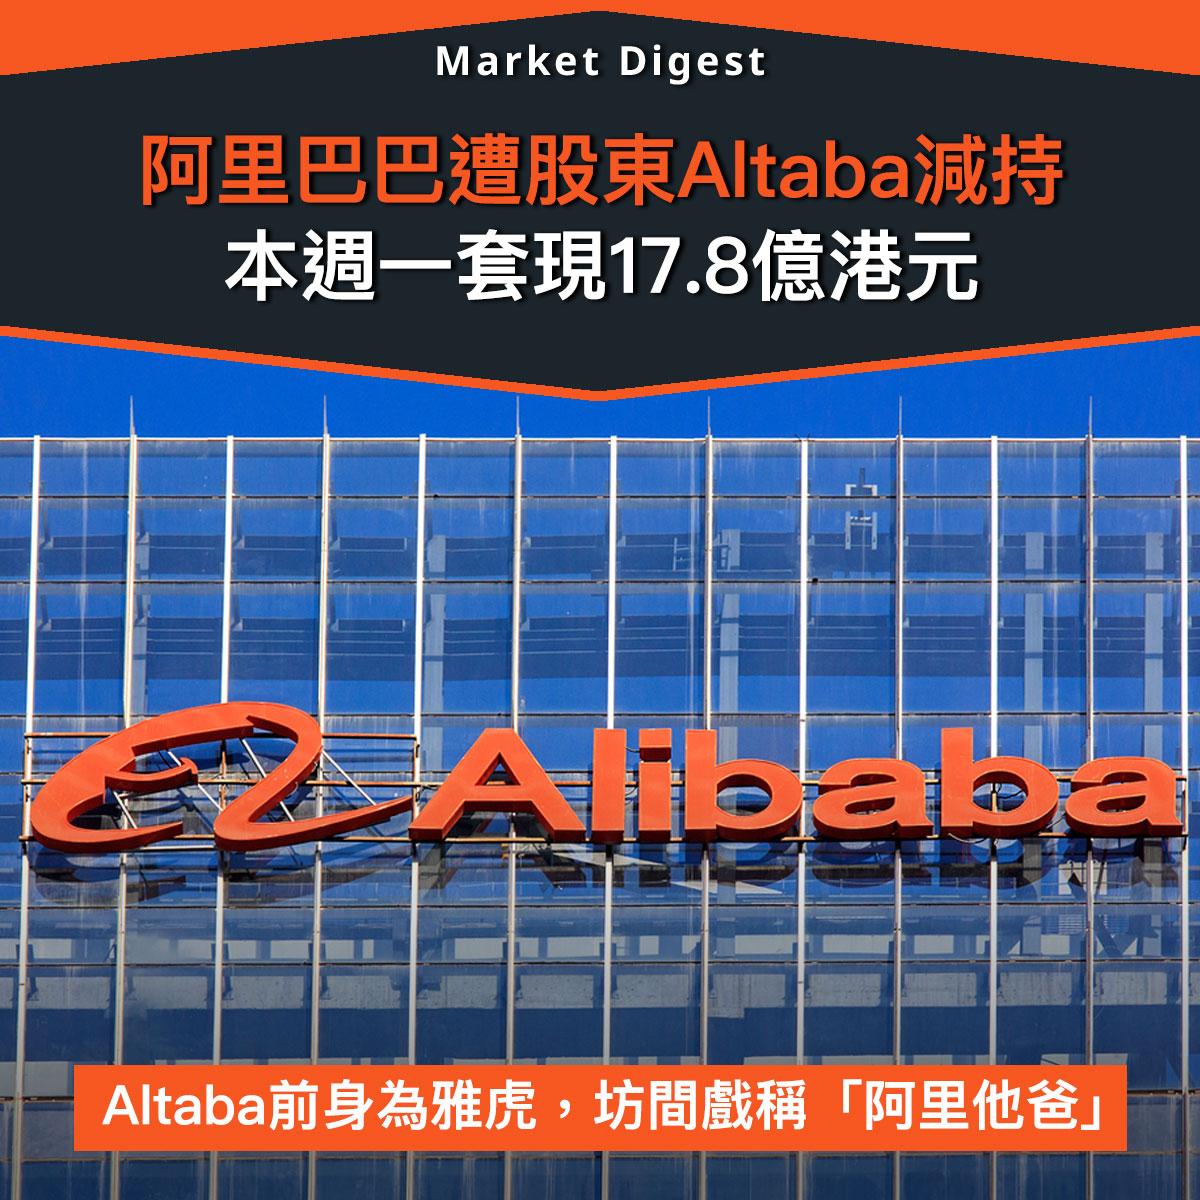 【市場熱話】阿里巴巴遭股東Altaba減持,本週一套現17.8億港元